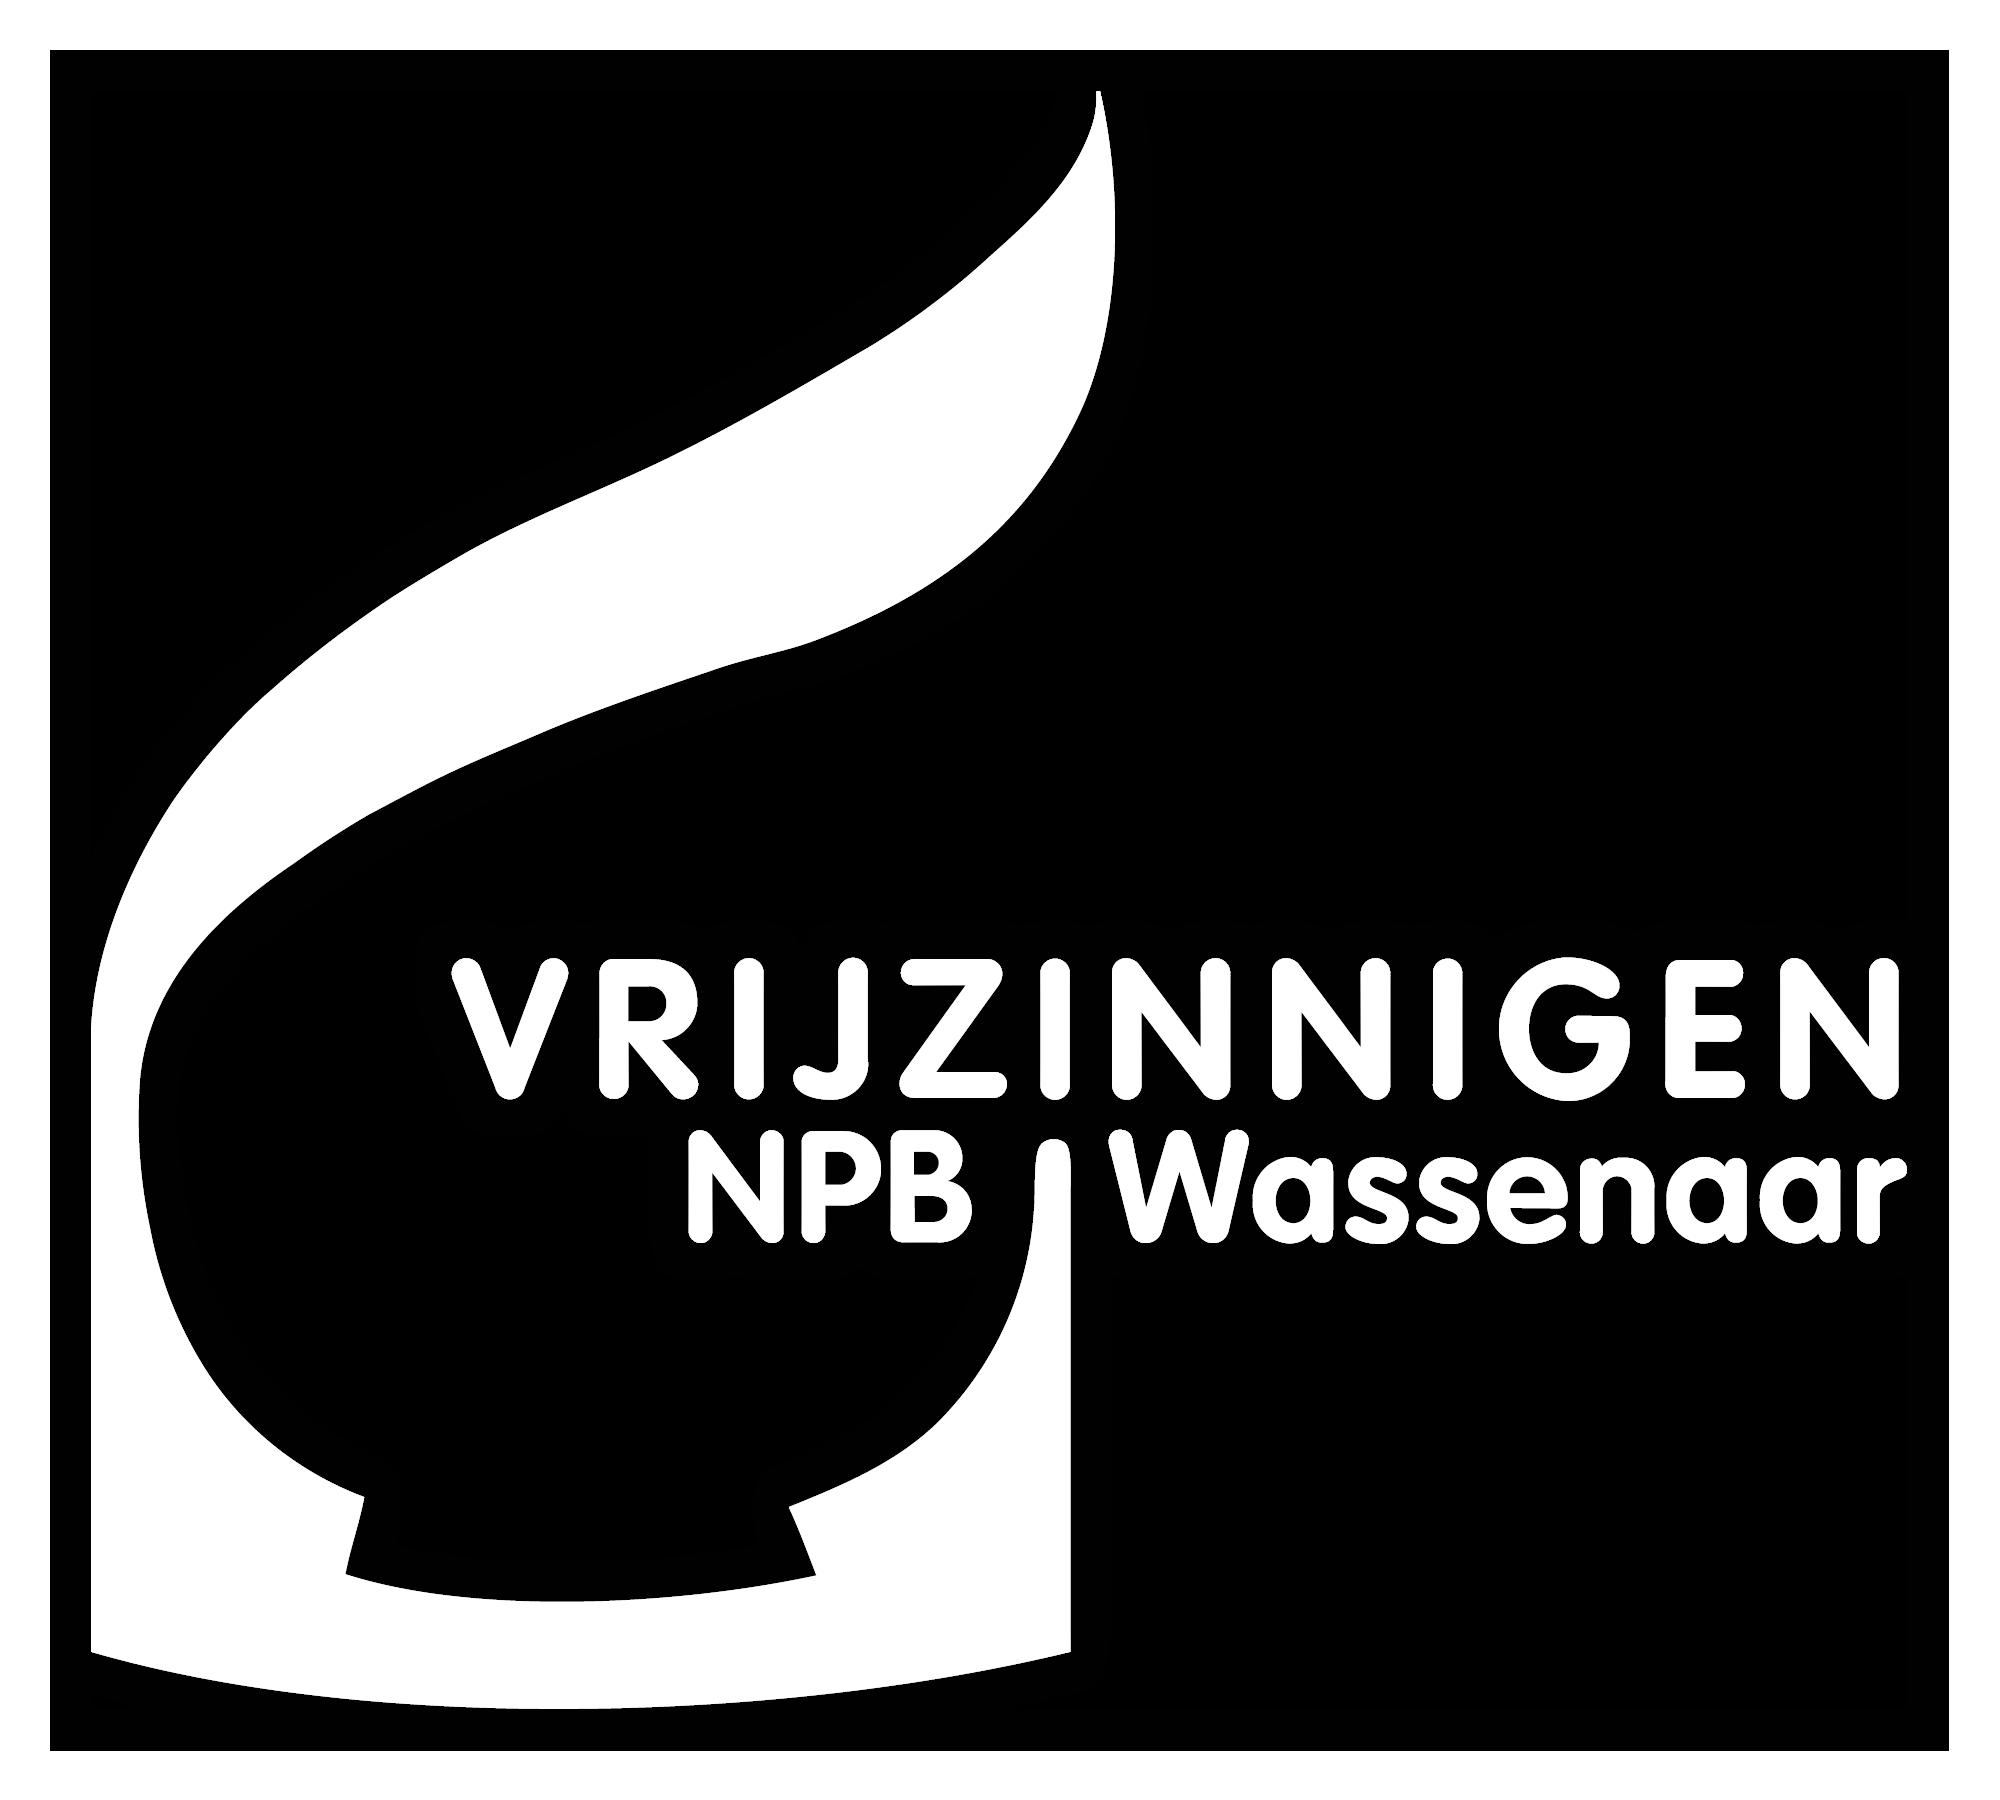 De Vrijzinnigen NPB Wassenaar